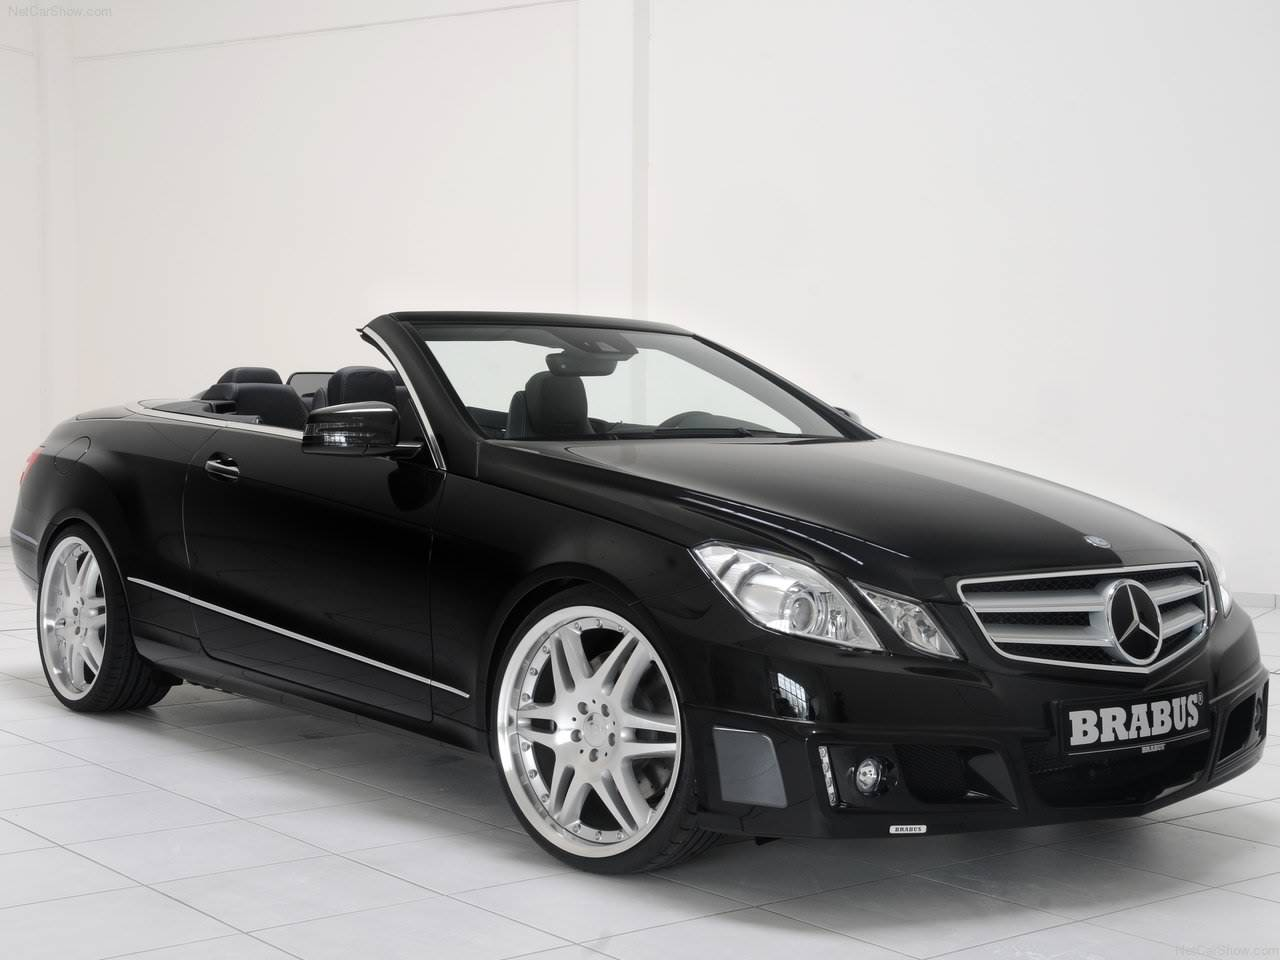 http://4.bp.blogspot.com/_lsyt_wQ2awY/TDwMCx9i5HI/AAAAAAAB-NU/FpOBp4IY7k4/s1600/Brabus-Mercedes-Benz_E-Class_Cabriolet_2011_1280x960_wallpaper_03.jpg